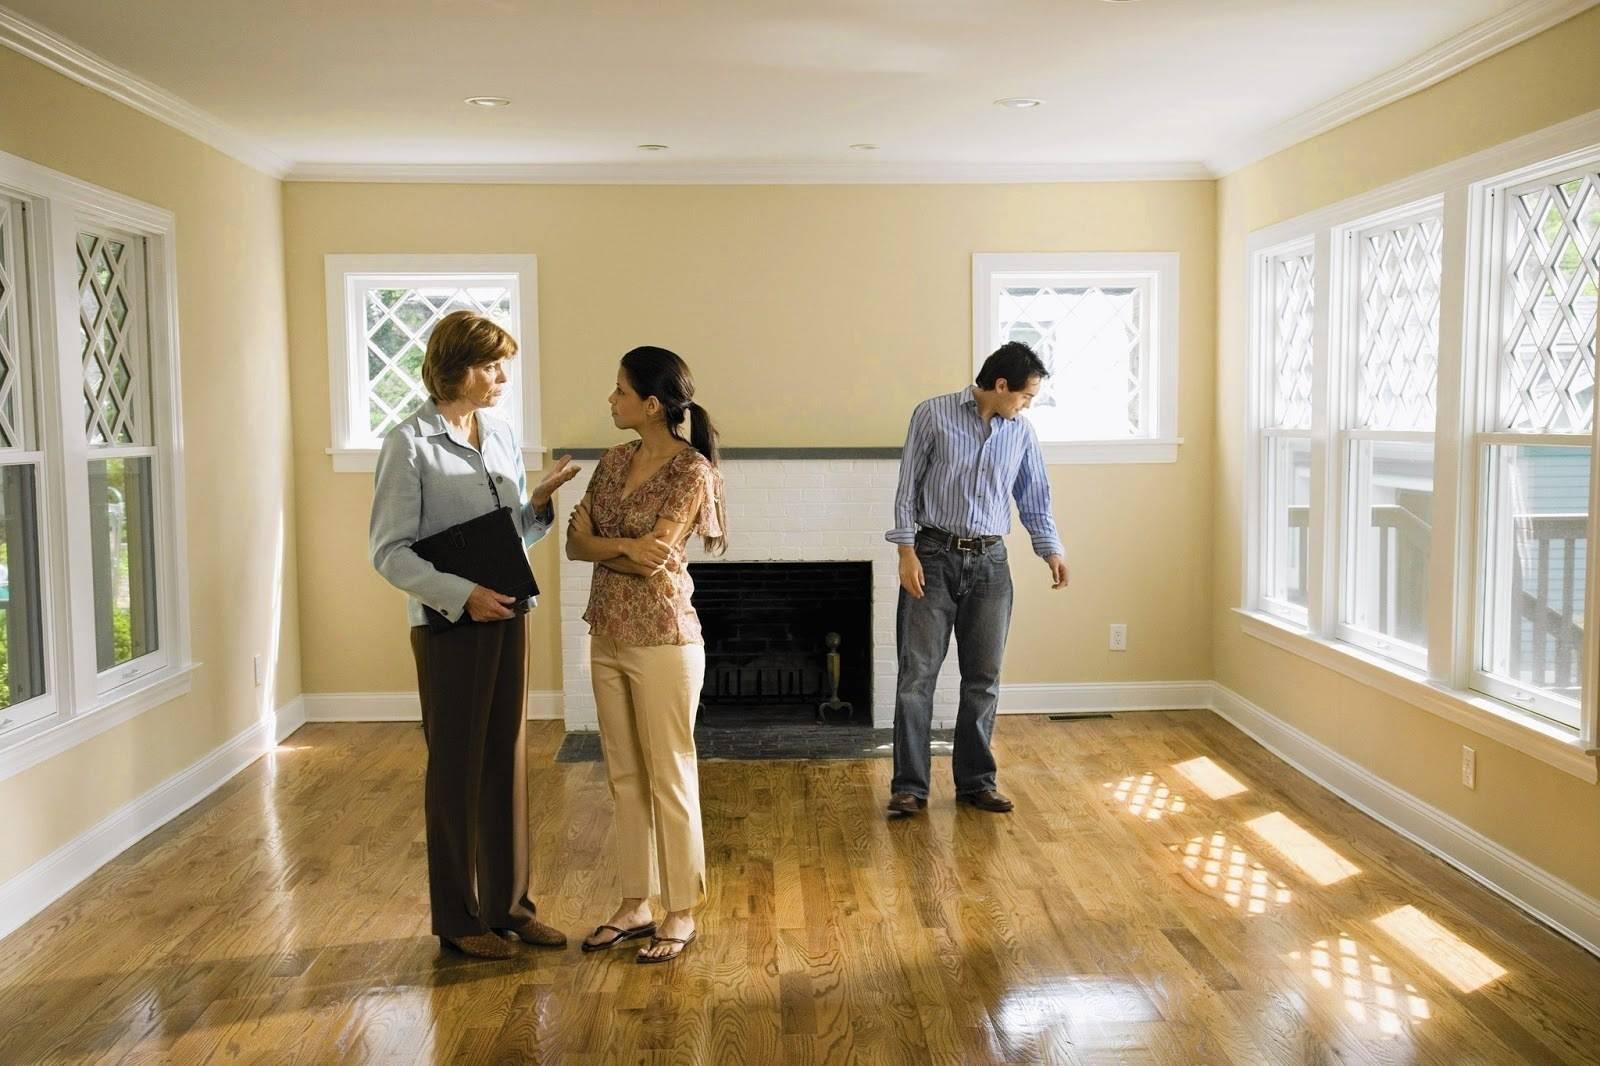 Посуточная аренда жилья: плюсы и минусы, риски, документы - pro новостройку +7 (495) 725-58-91 (москва)